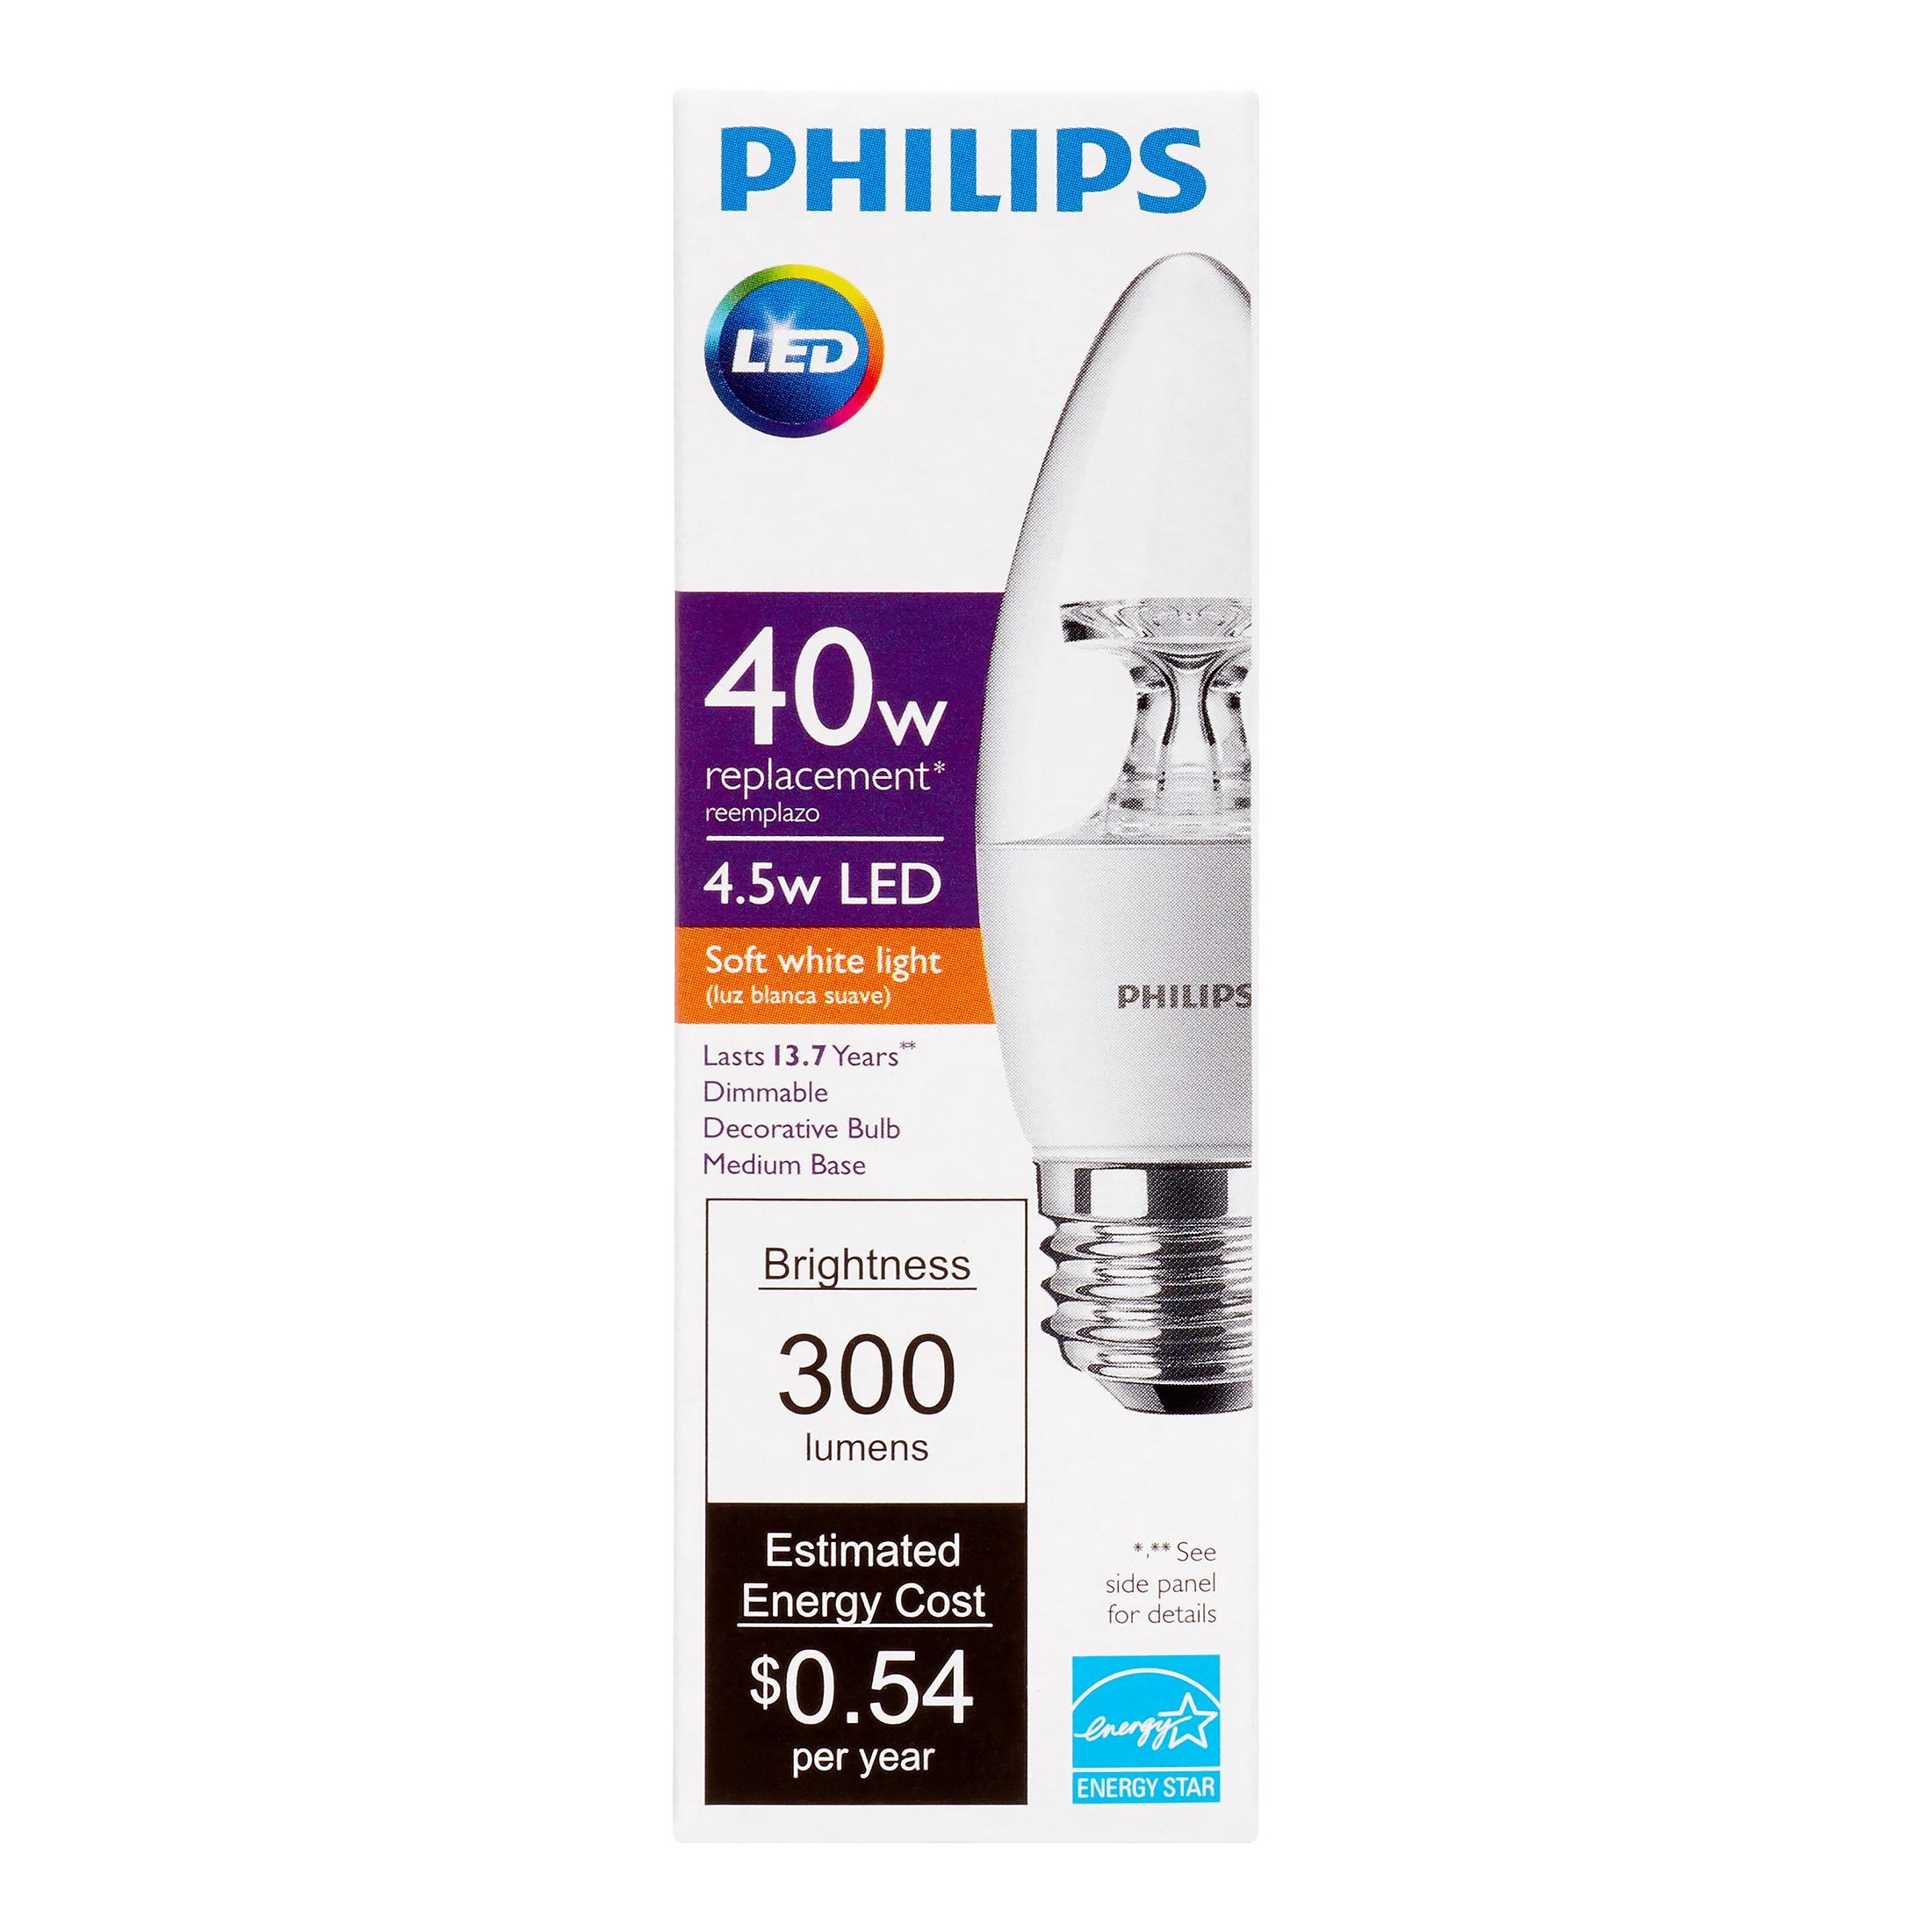 Philips LED Dimmable Decorative Light Bulb, B11, Soft White, 40 WE, Medium Base